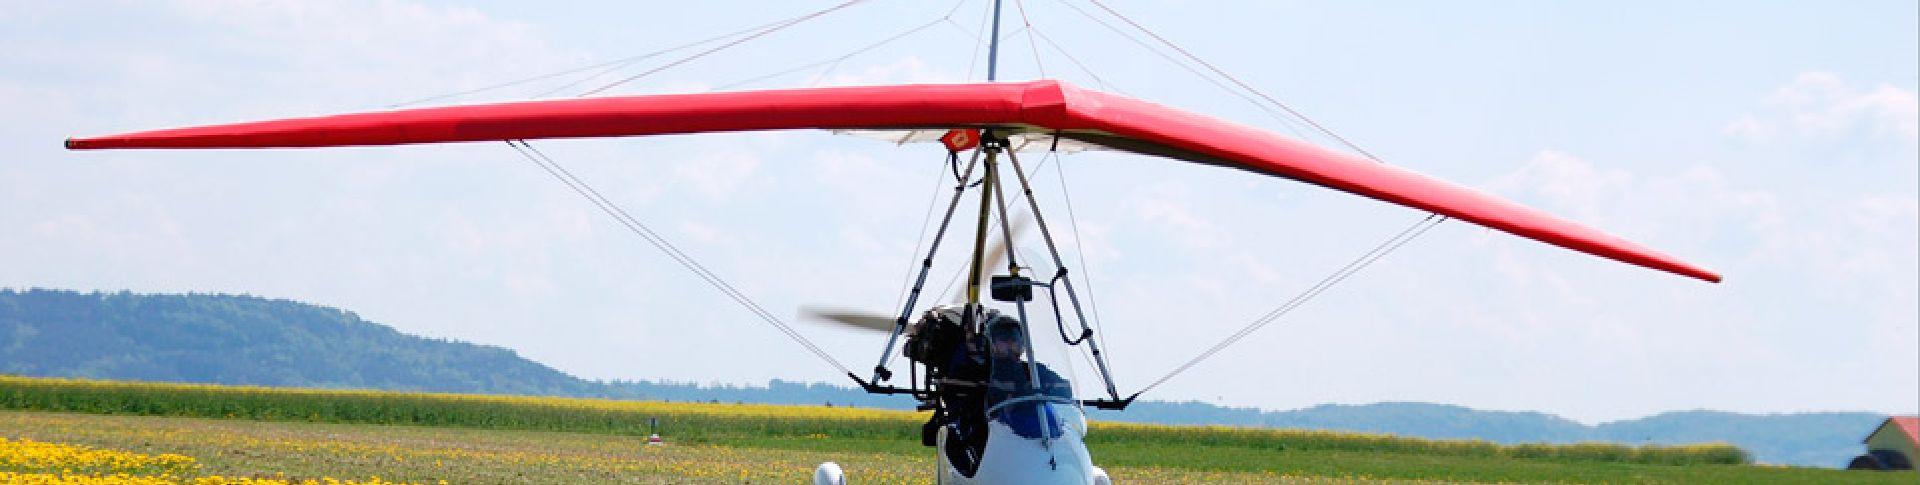 Ultraleicht-Flugplatz in Sondersfeld